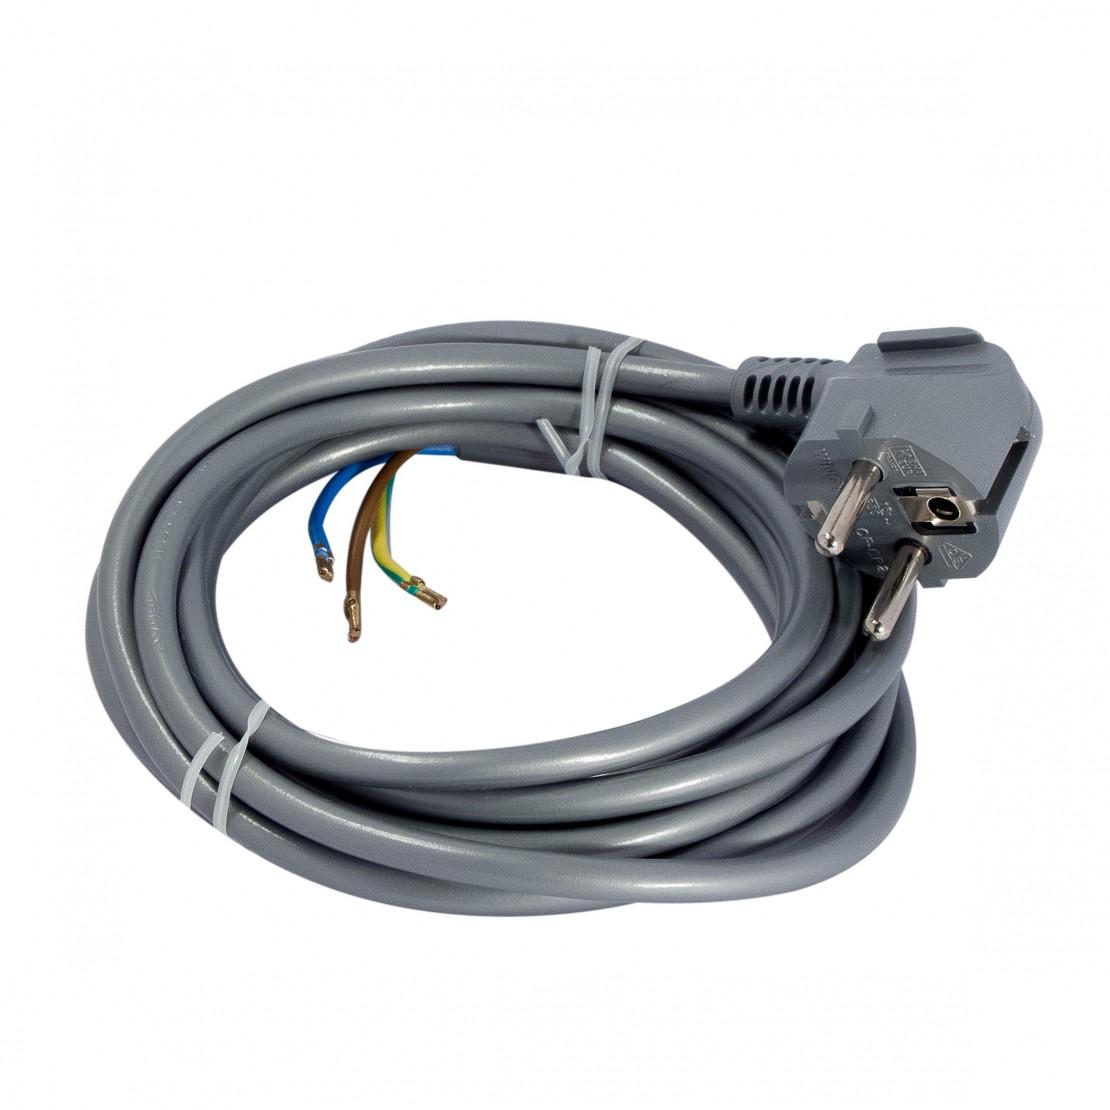 Aansluitsnoer - 3m 3 x 1,0mm2- grijs(SCH)